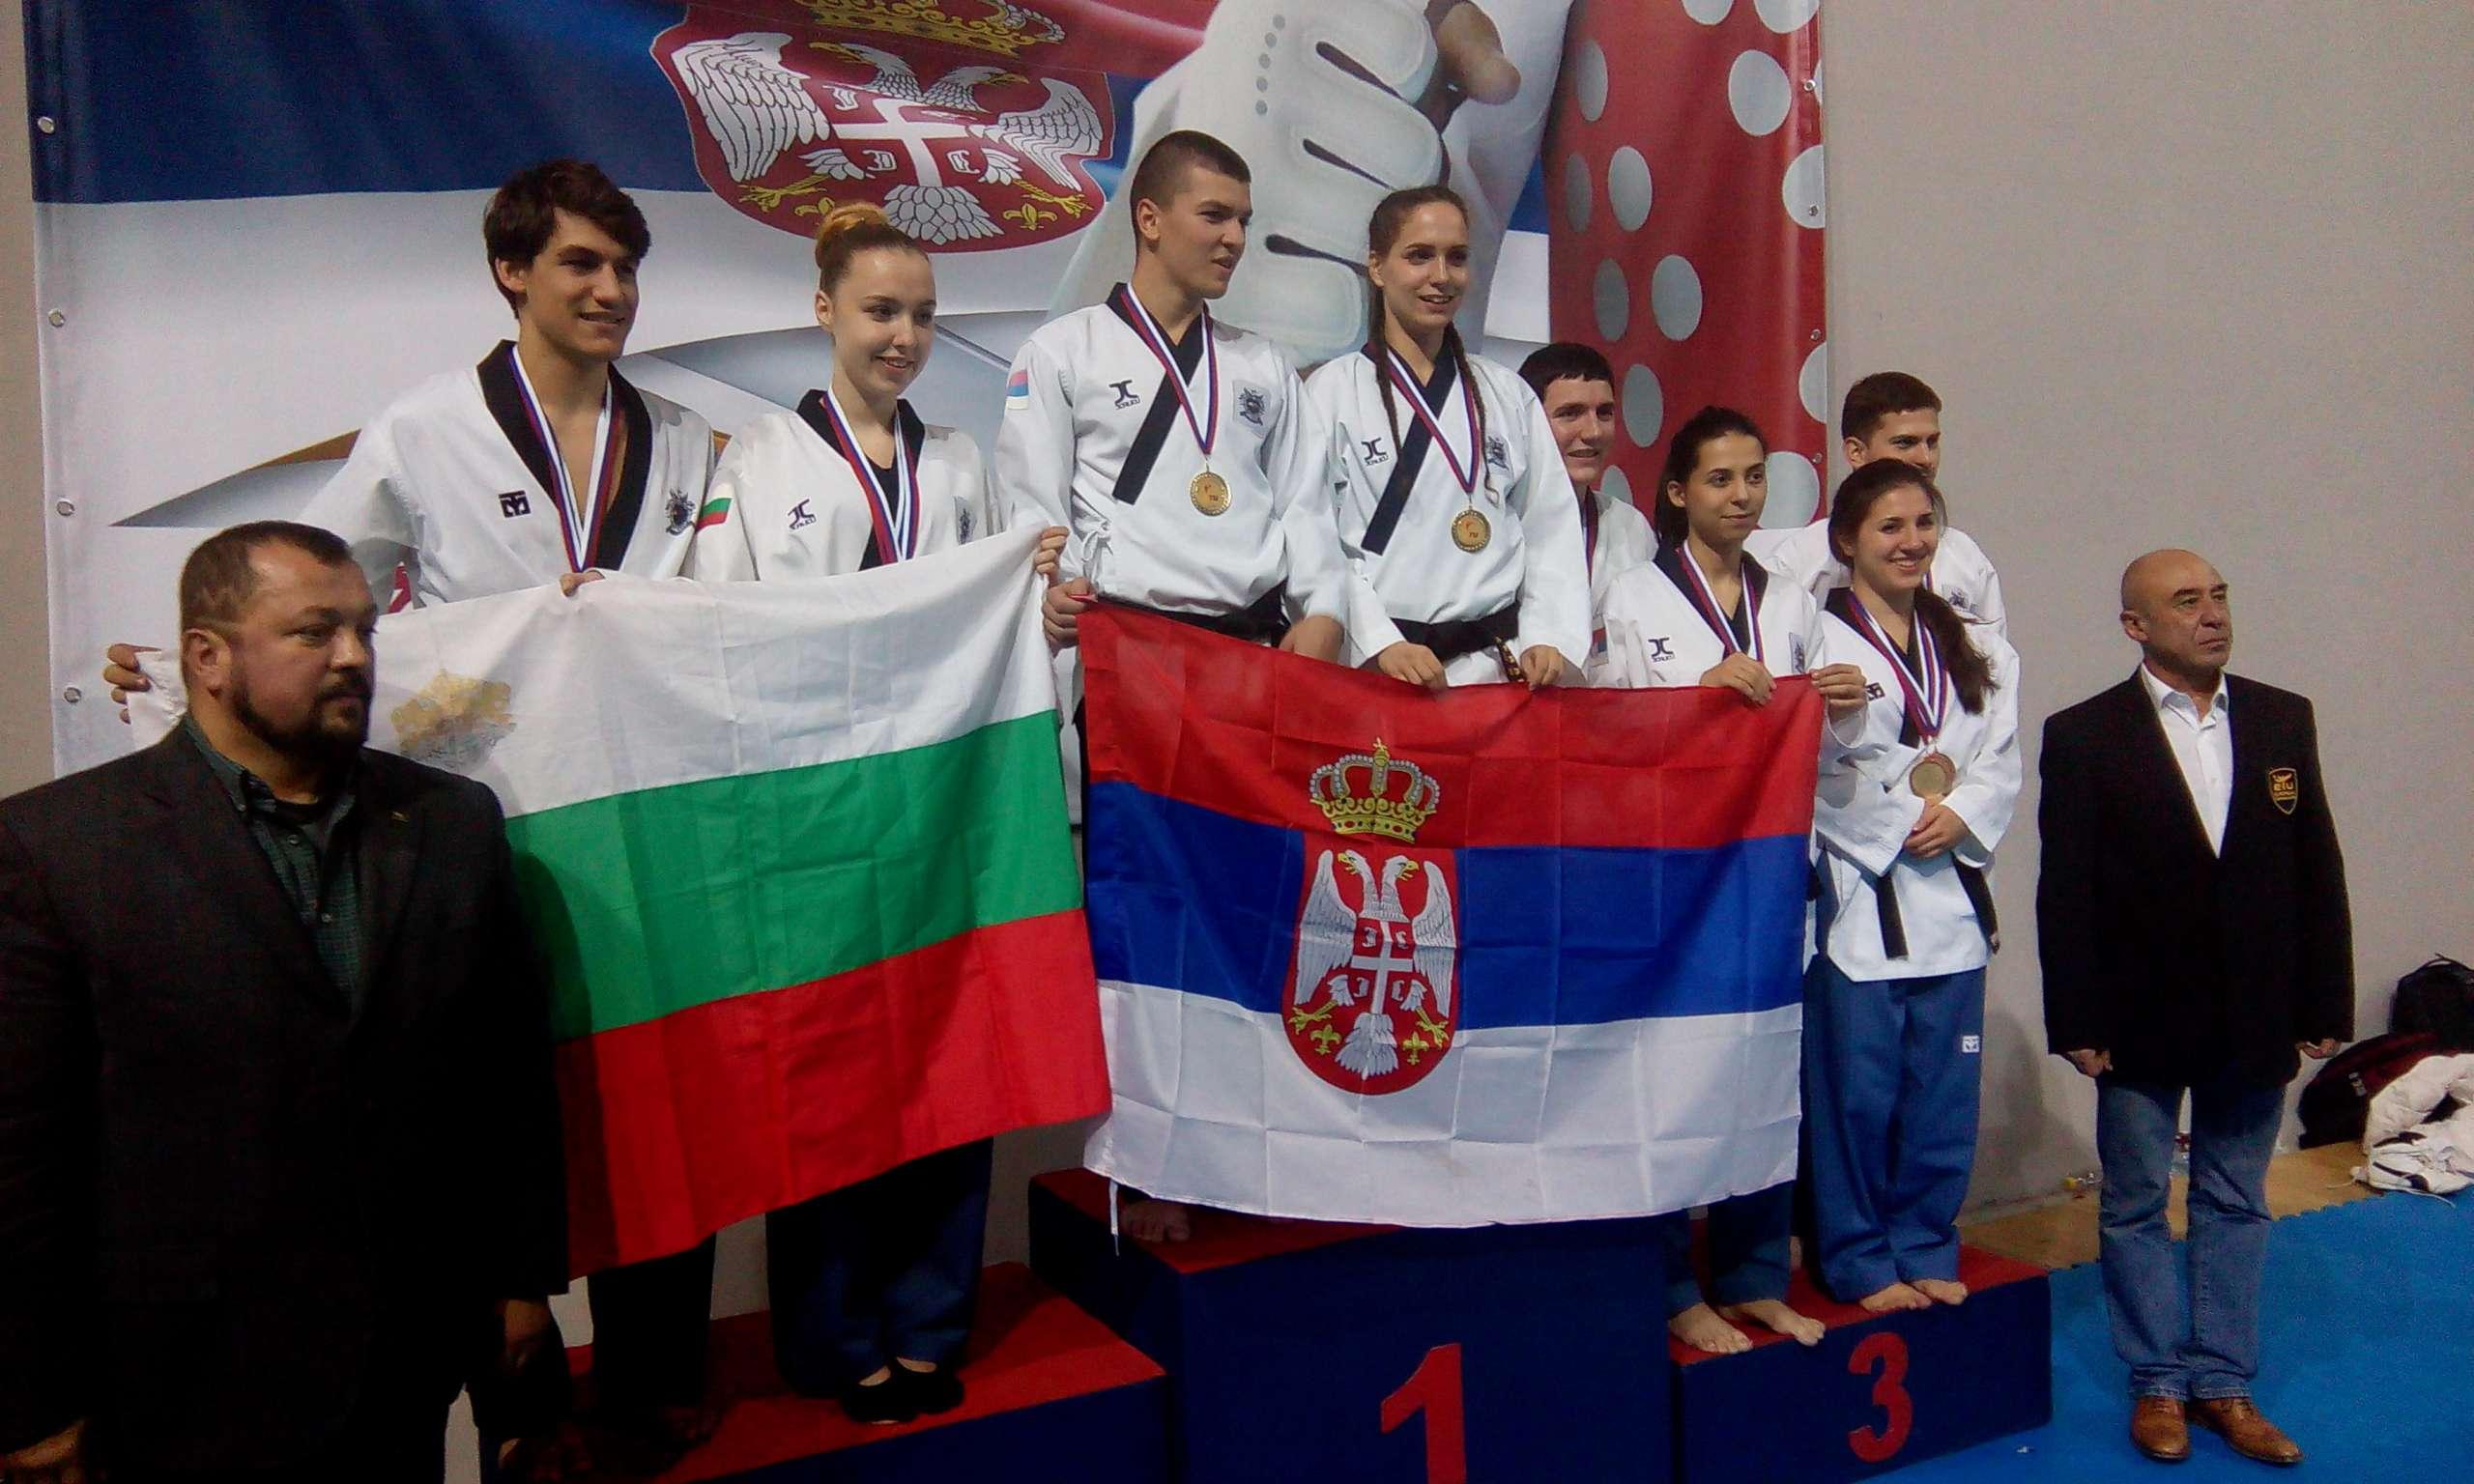 Balkansko prvenstvo 2015